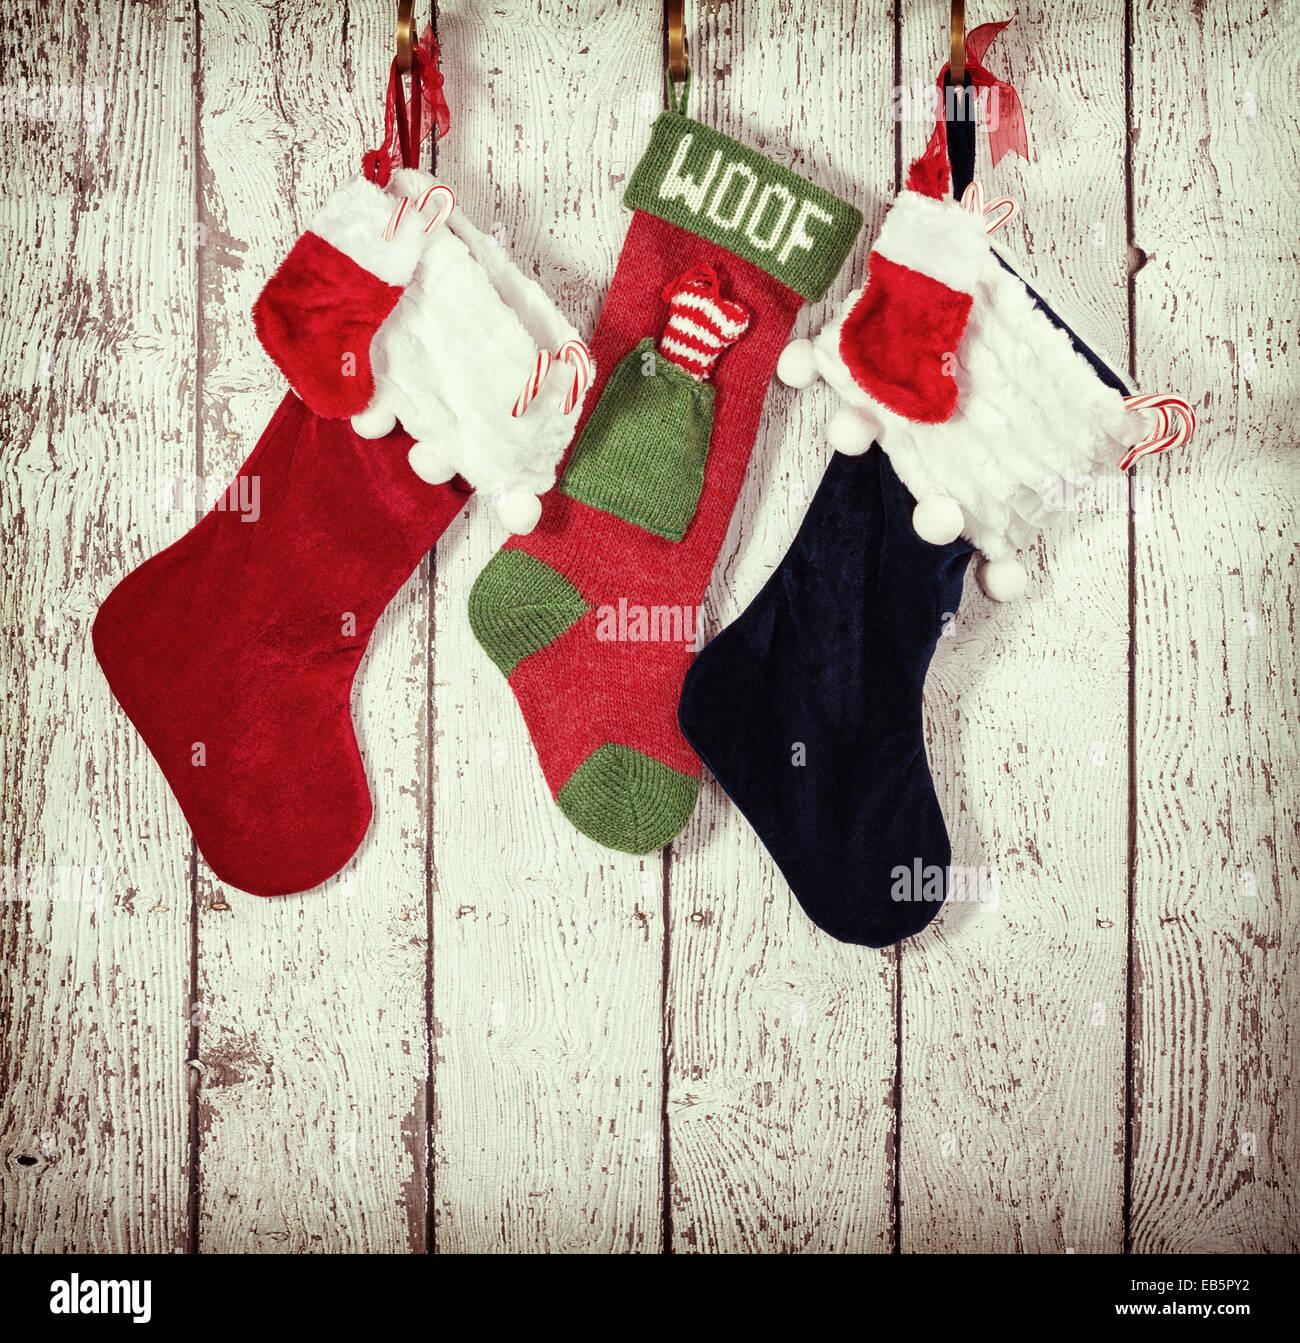 Calza di Natale appeso contro il legno rustico sfondo Immagini Stock